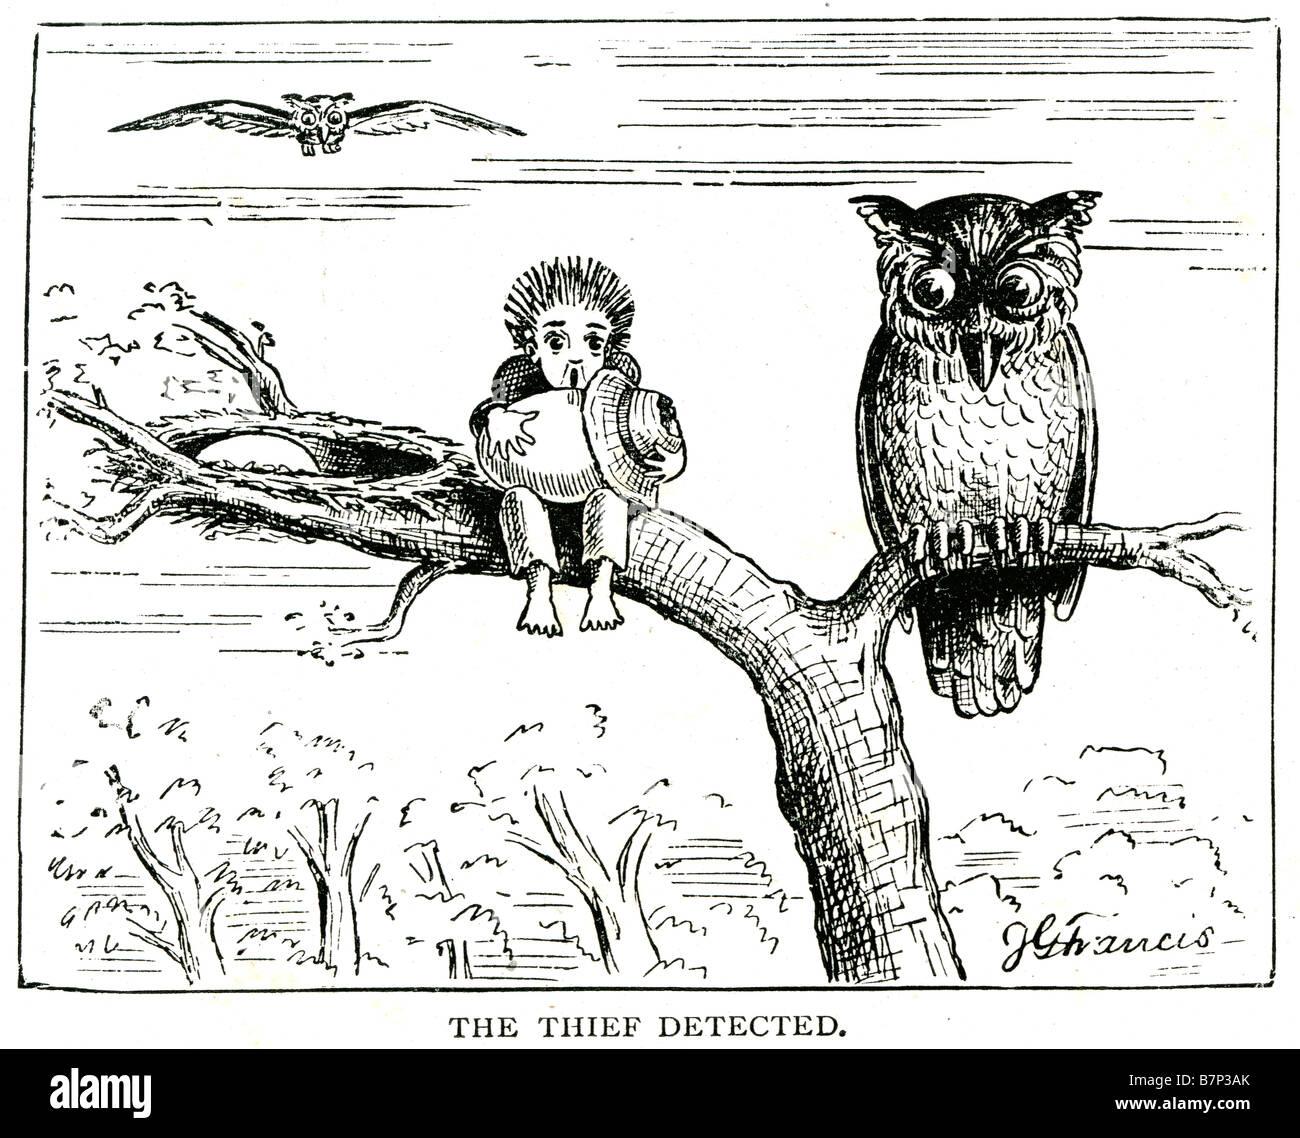 Dieb erkannt, Baum Zweig Eule junge Ei versteckt eingeklemmter genommen Hut Baum Cartoon Phantasie gefangen gestohlen Stockbild